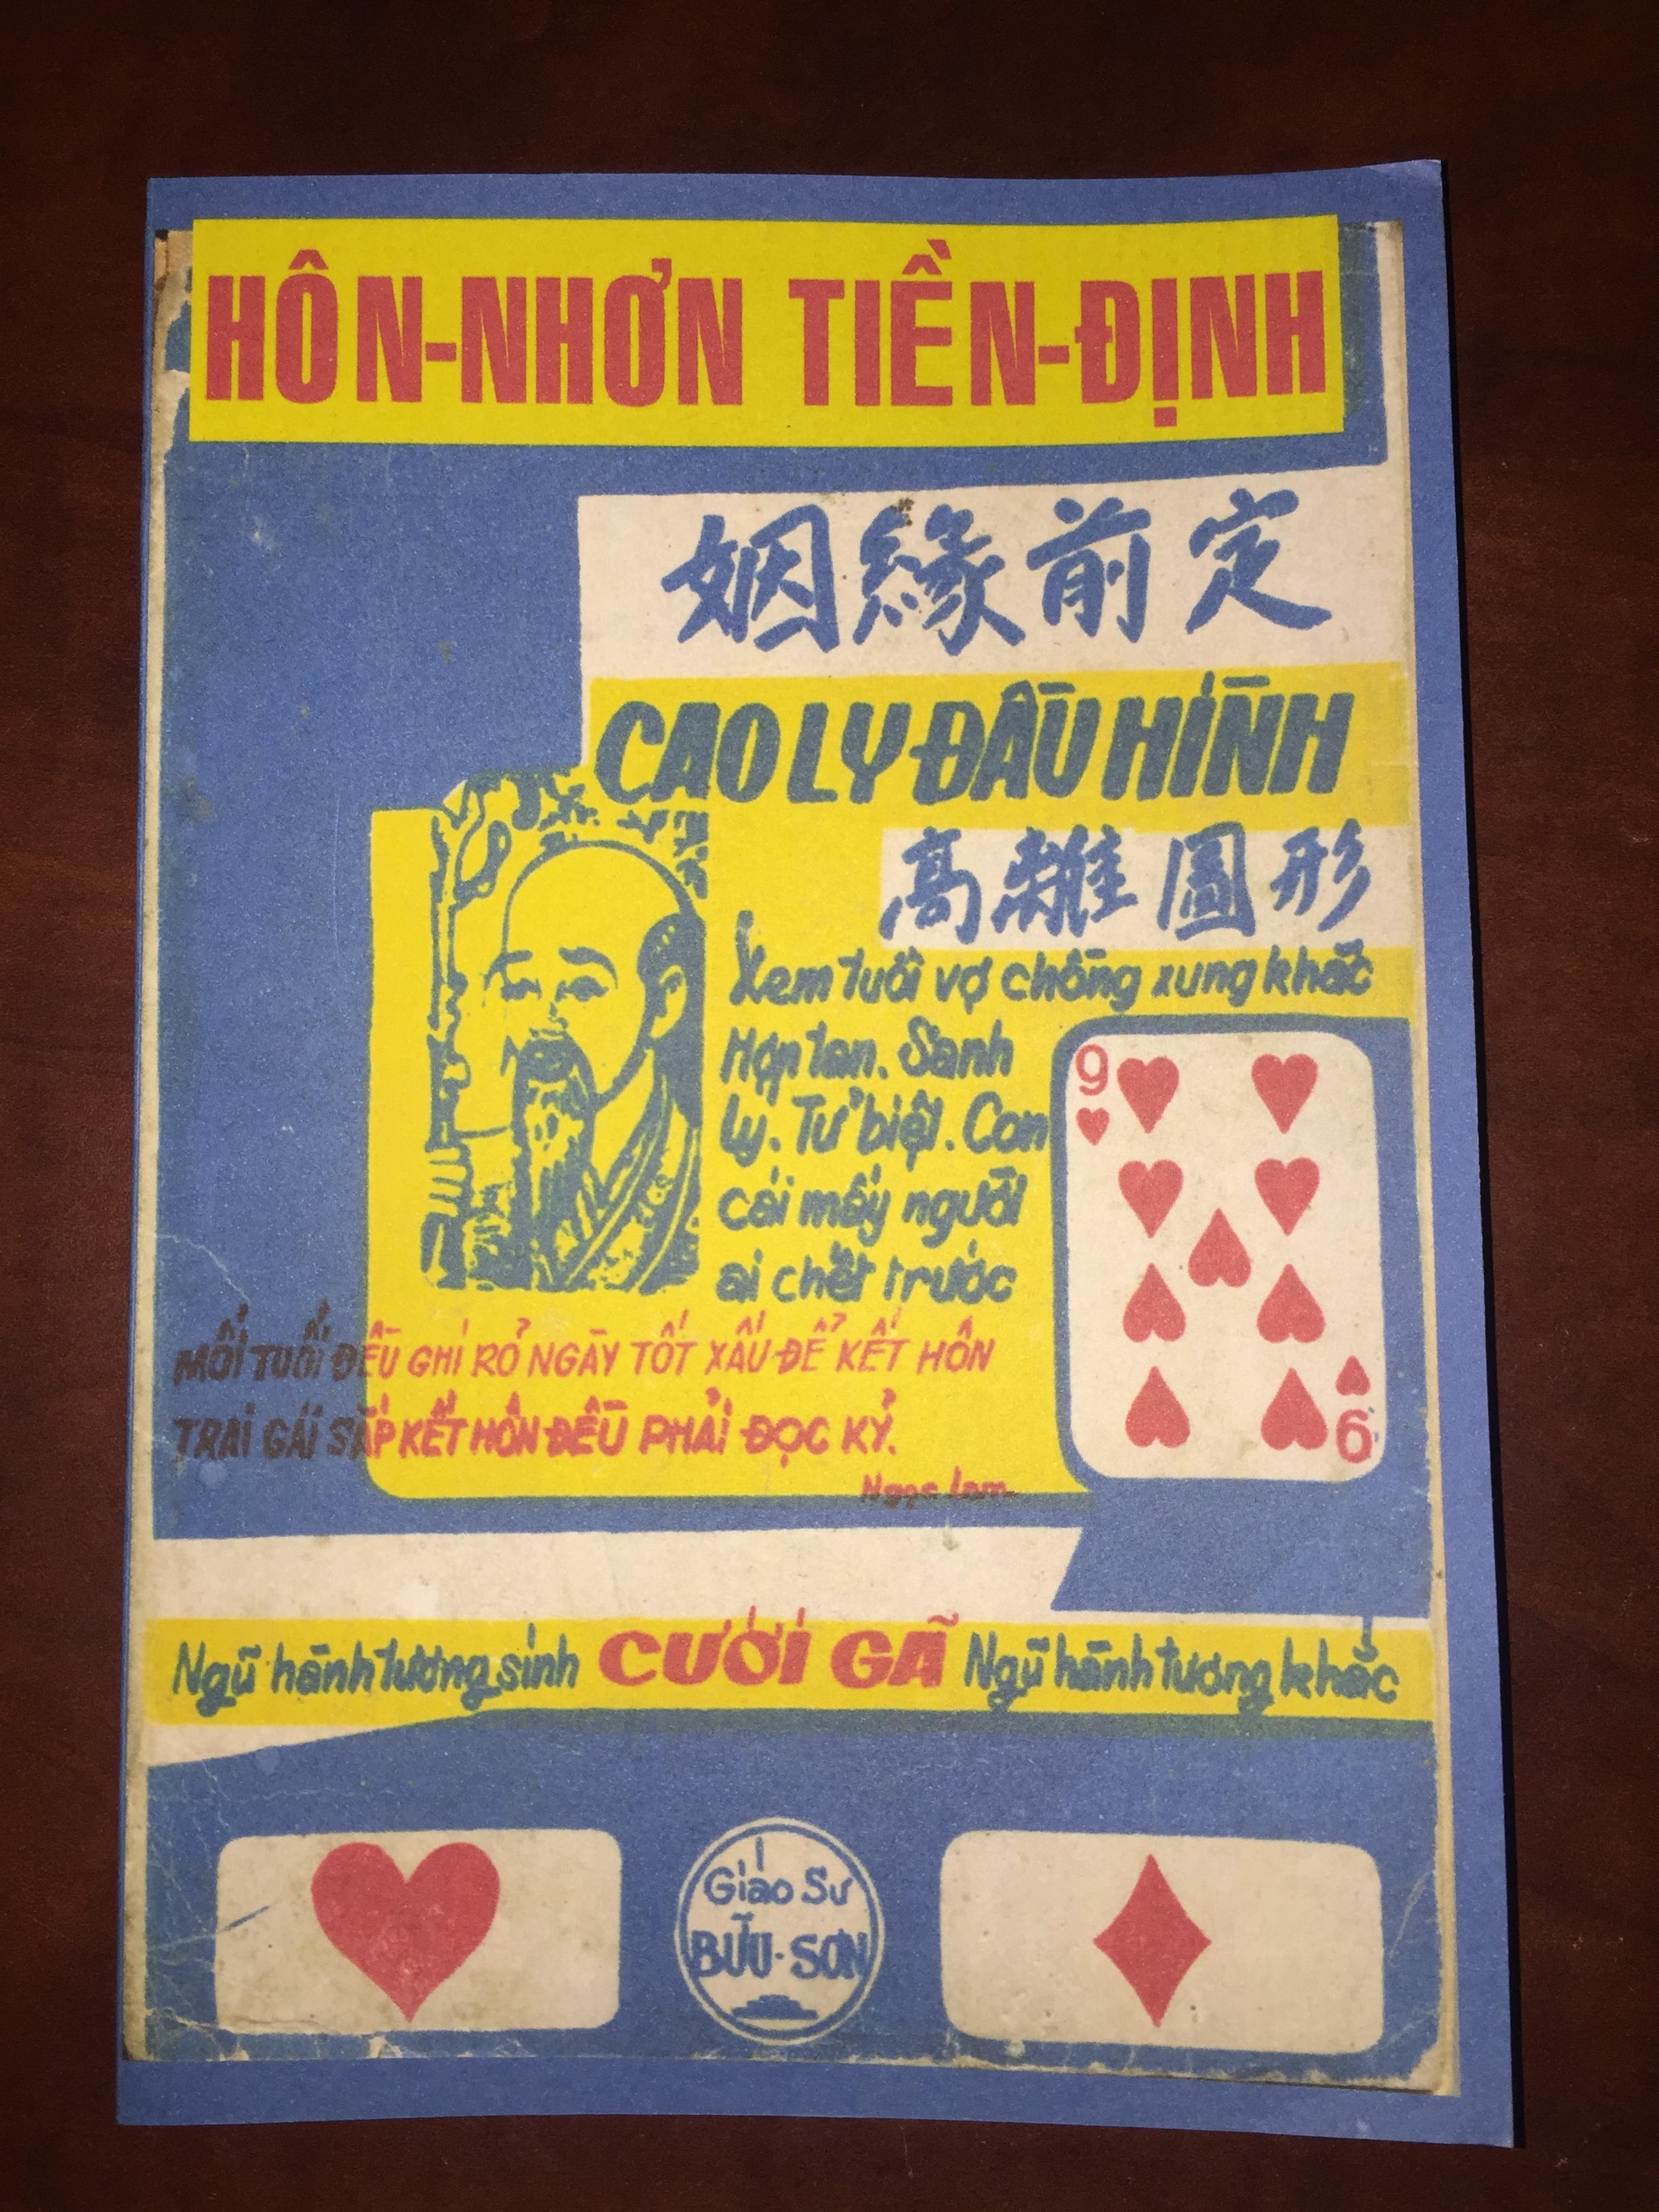 Hôn Nhơn Tiền Định (Cao Ly Đầu Hình) - Giáo Sư Bửu Sơn